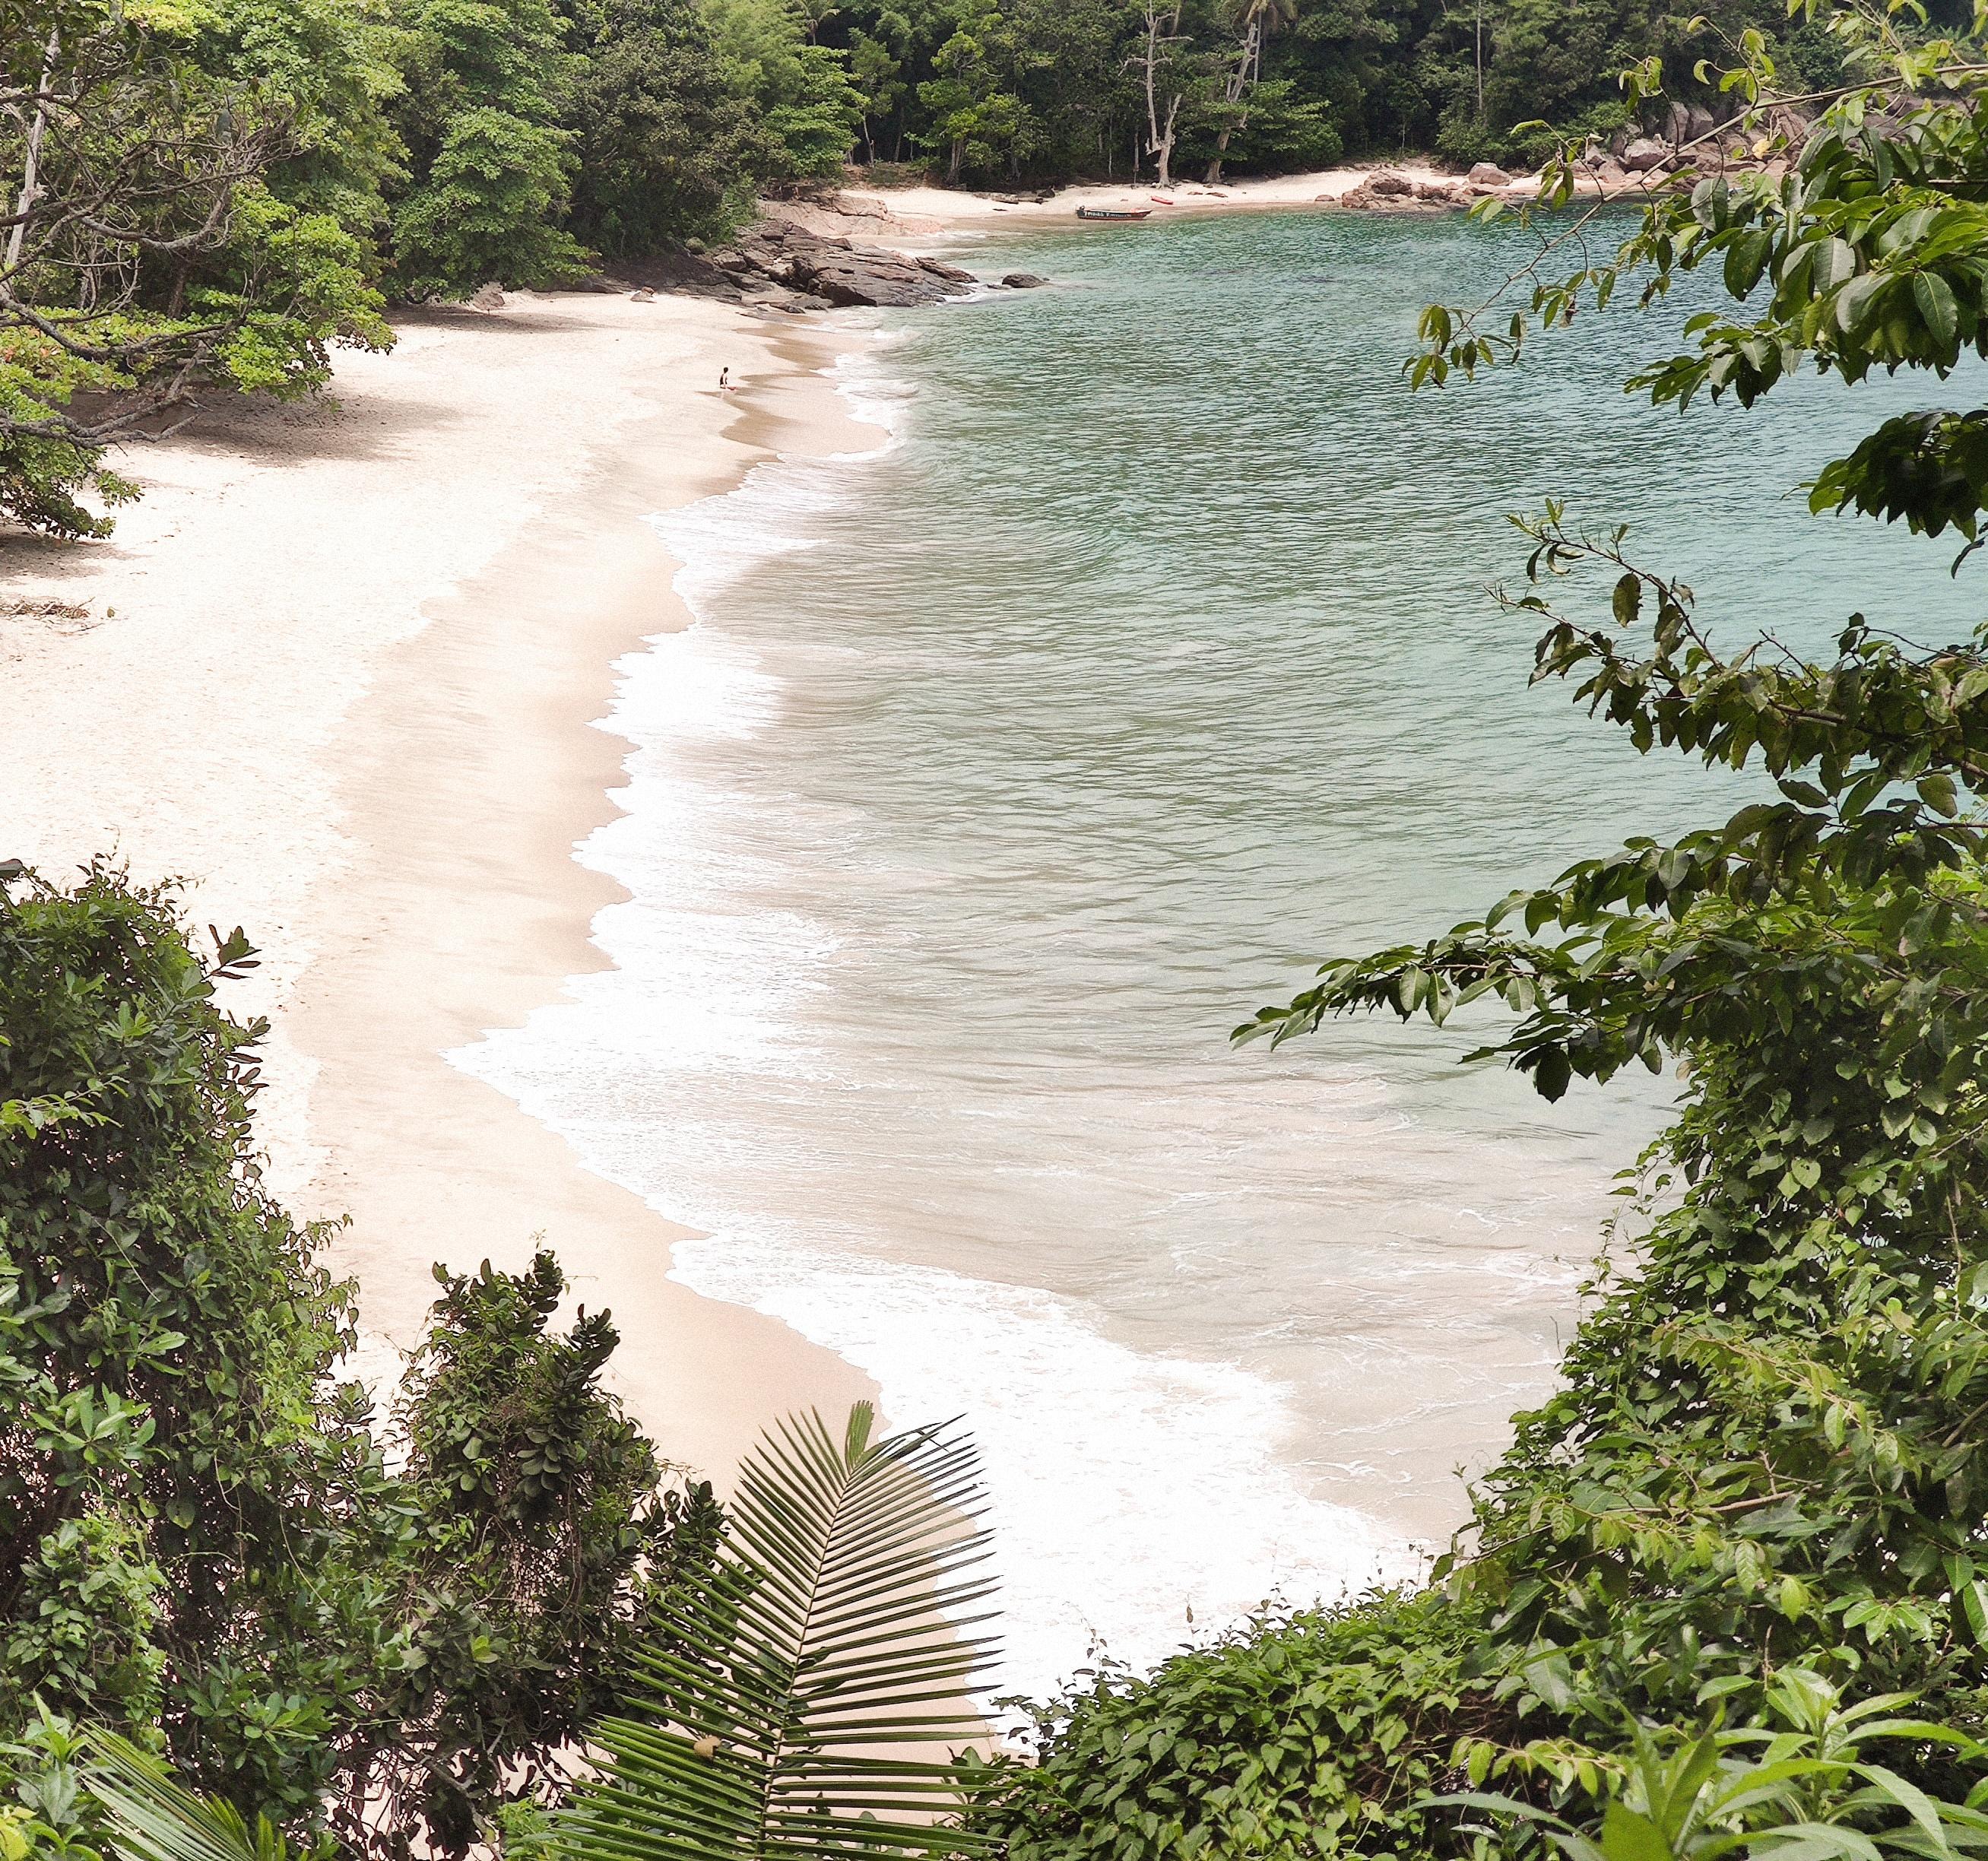 134723 скачать обои Природа, Пляж, Растения, Побережье, Экзотика - заставки и картинки бесплатно